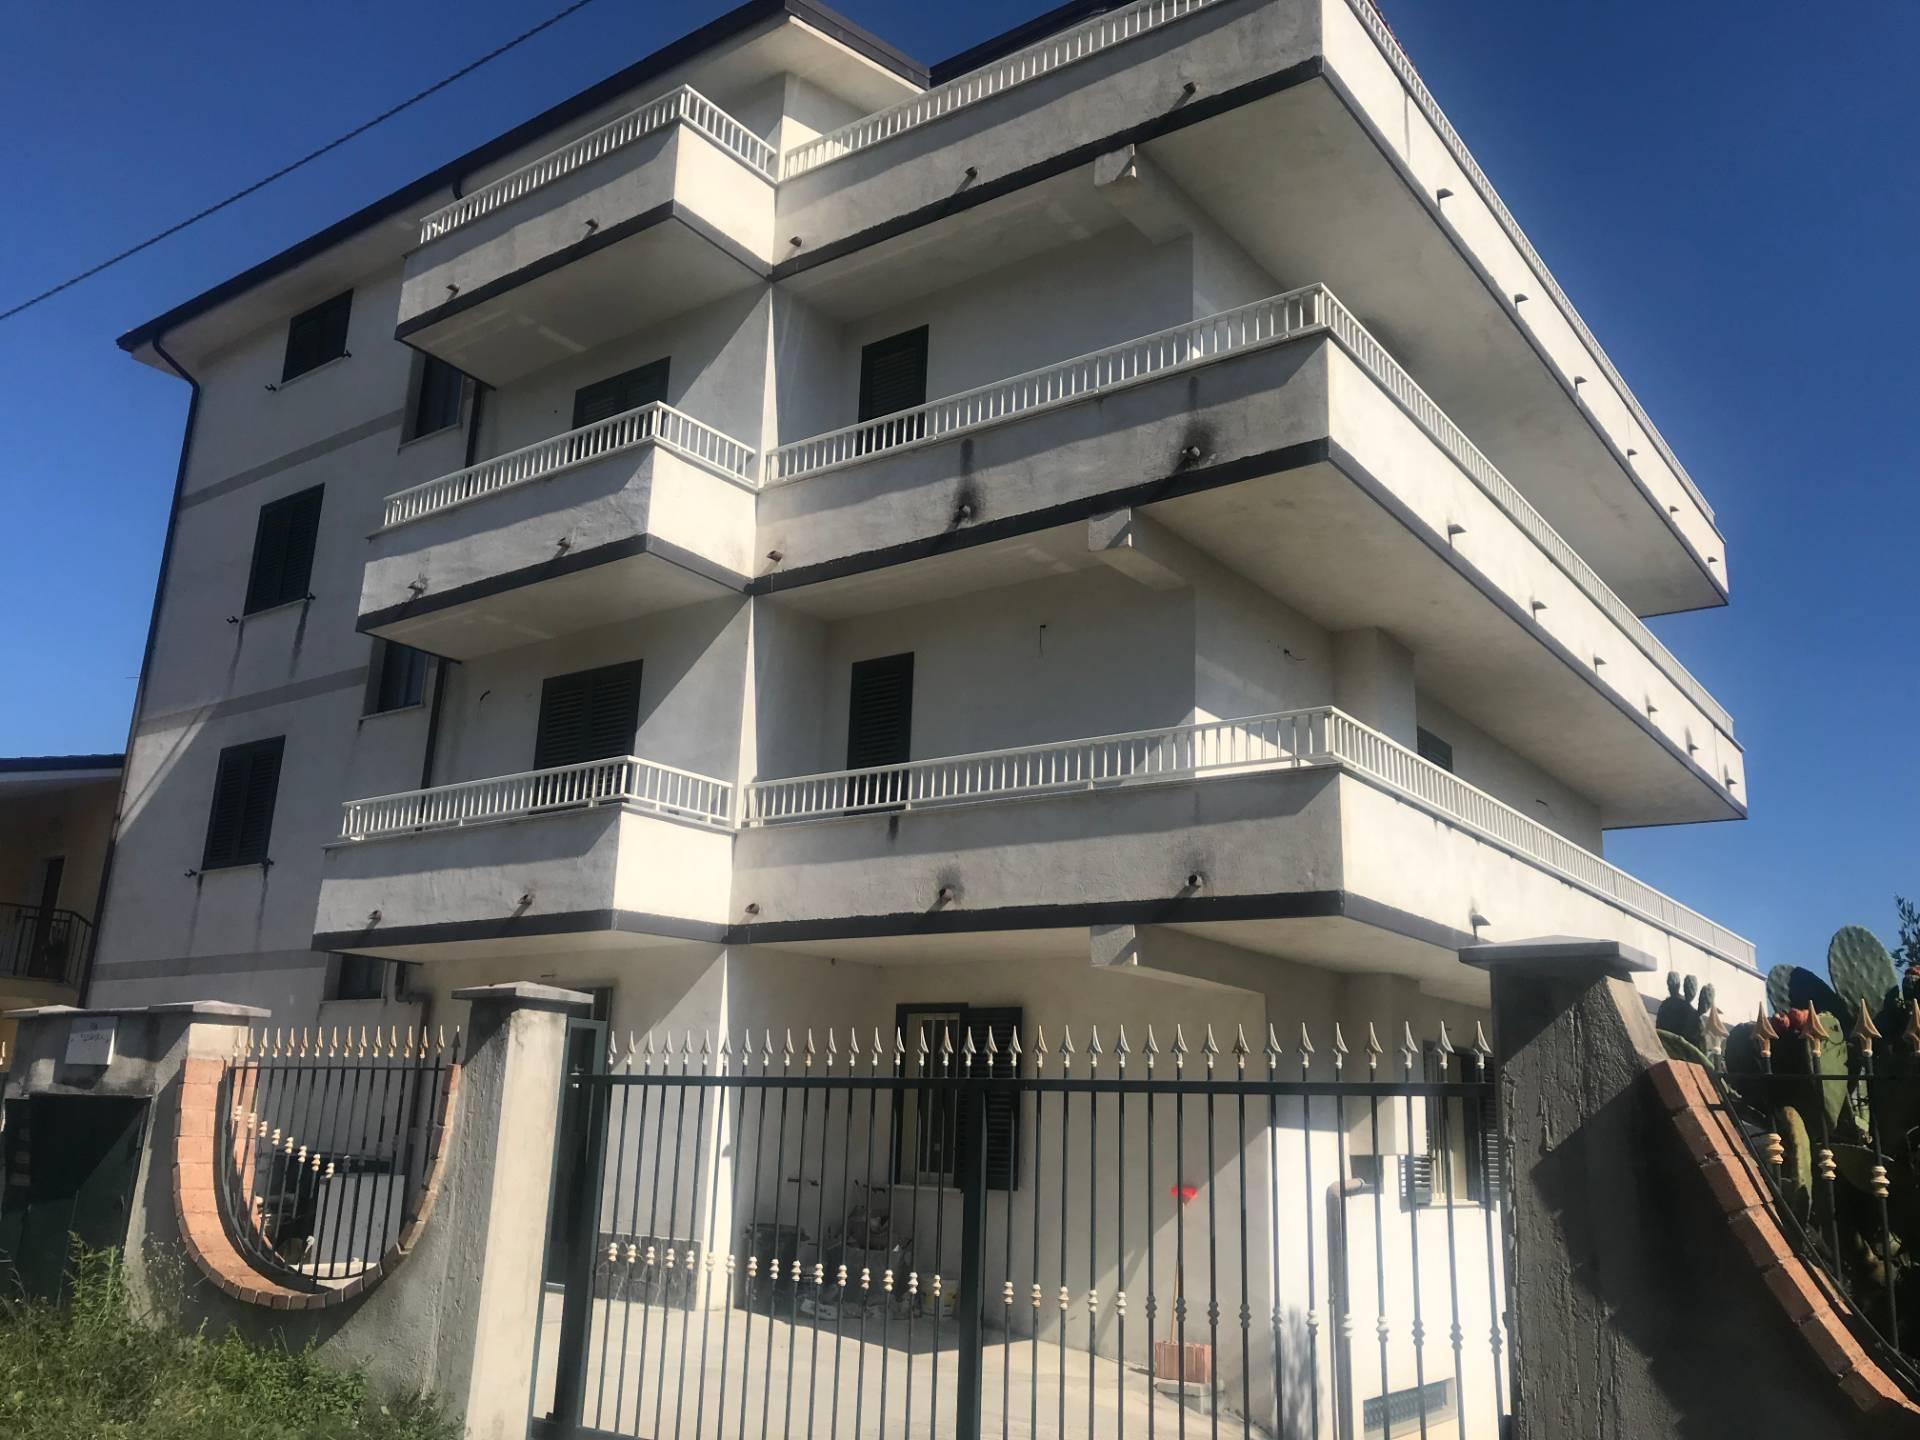 Appartamento in vendita a Torre Orsaia, 5 locali, prezzo € 90.000 | PortaleAgenzieImmobiliari.it